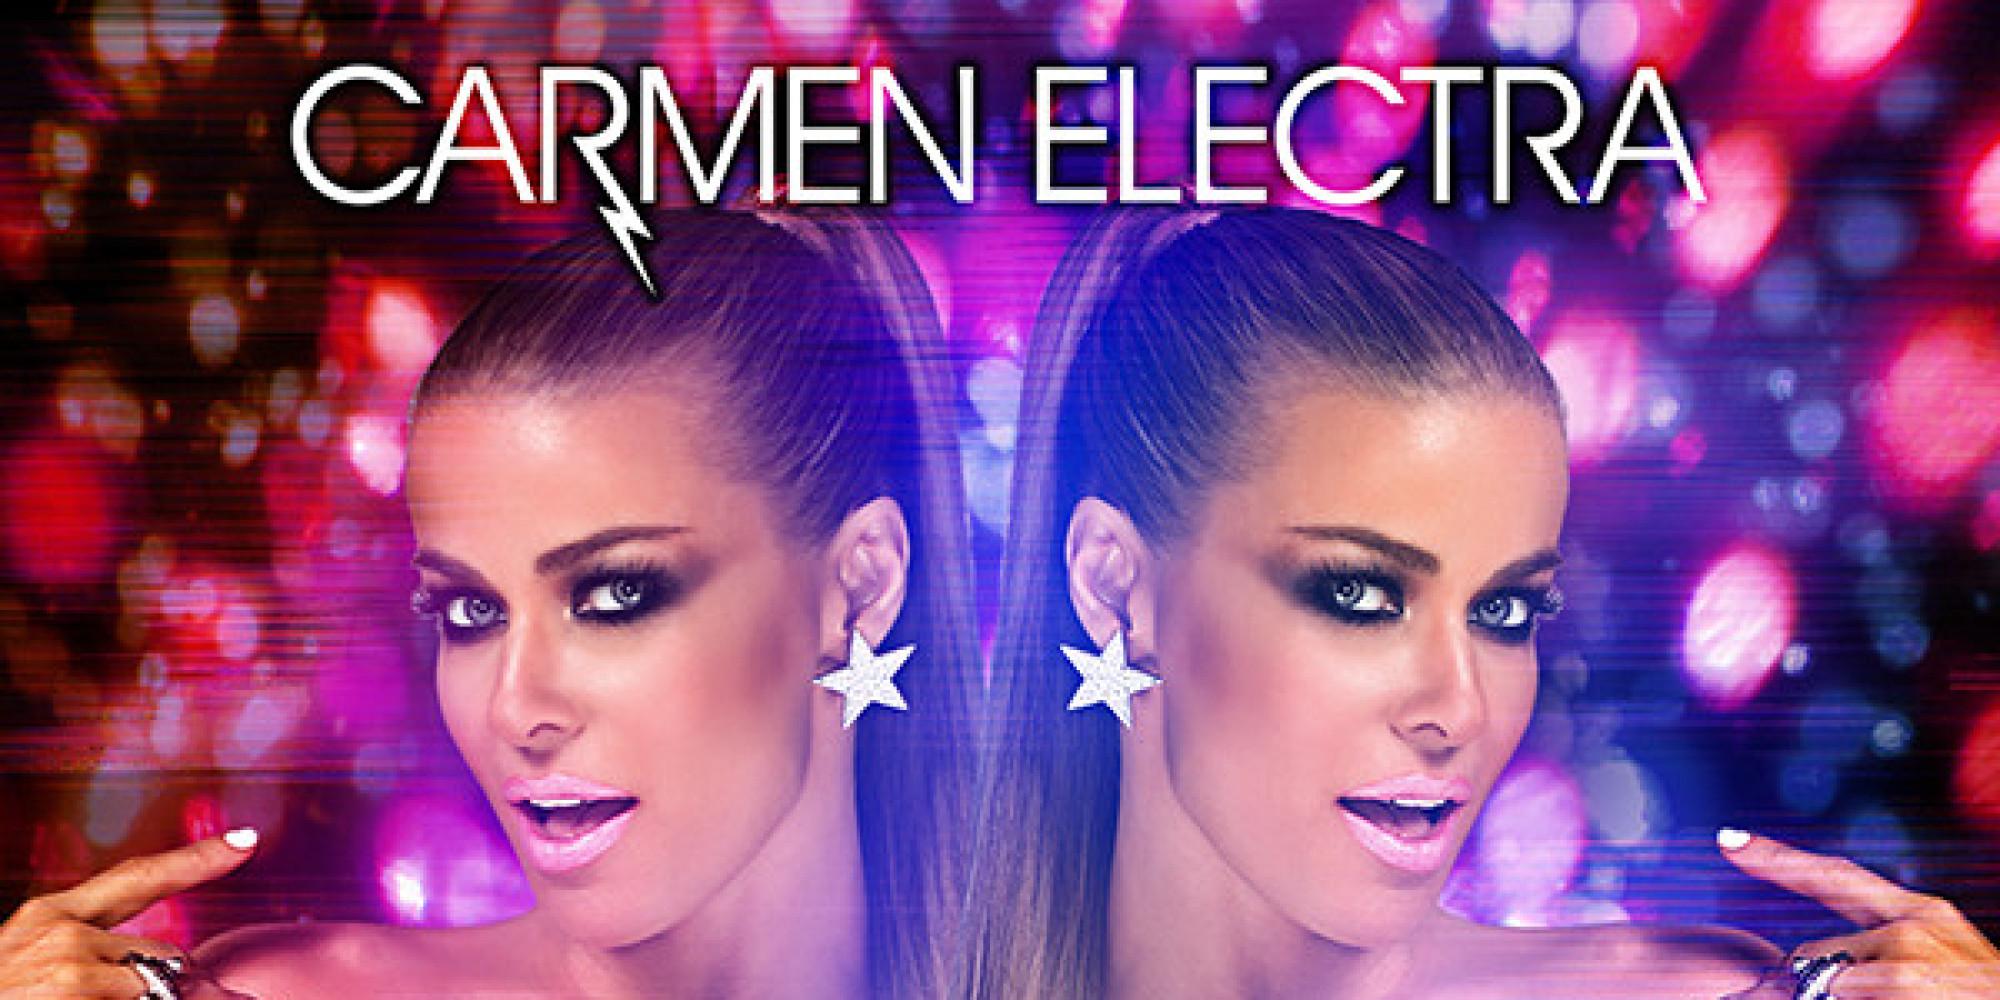 Carmen electra werq 2014 - 2 part 5